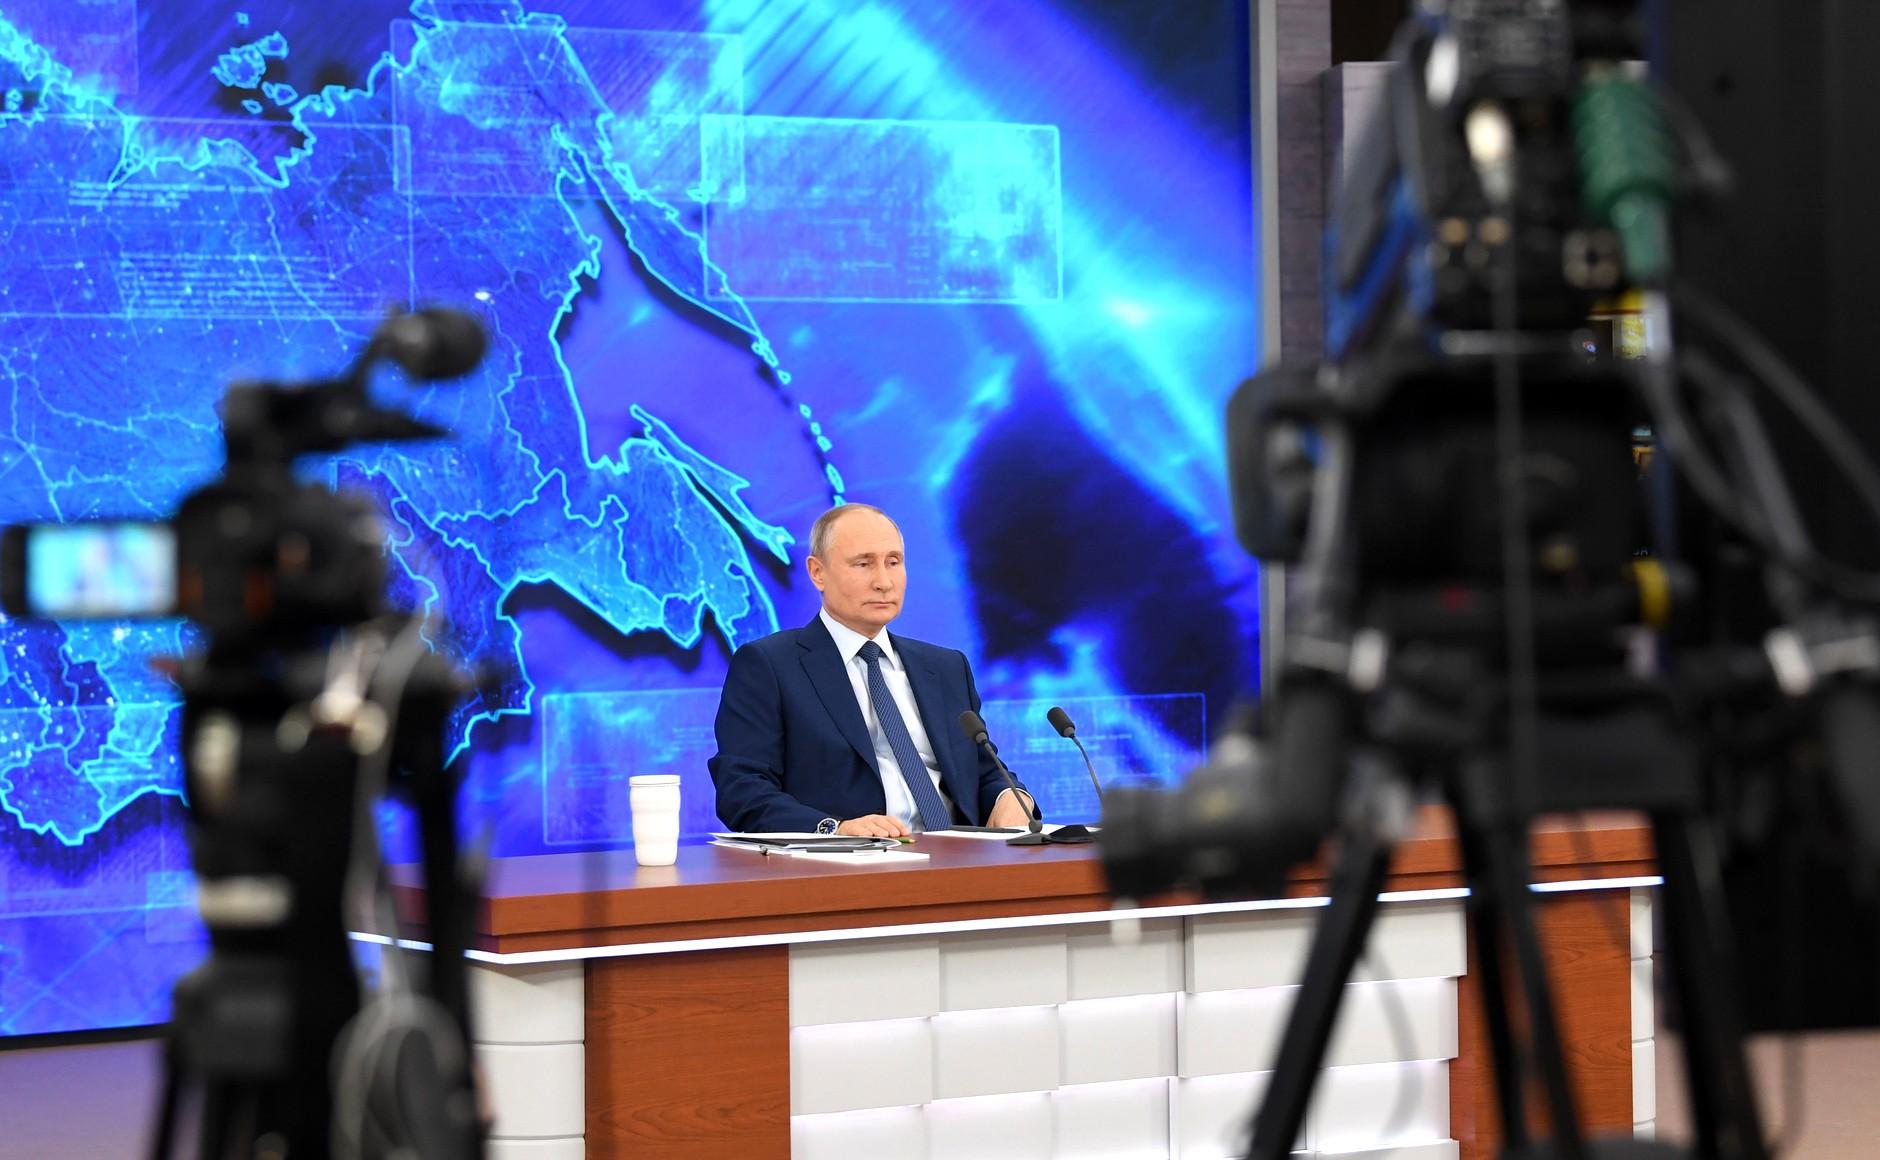 RUSSIE 17.12.2020.CONFERENCE 7 XX 66 Avant le début de la conférence de presse annuelle de Vladimir Poutine.